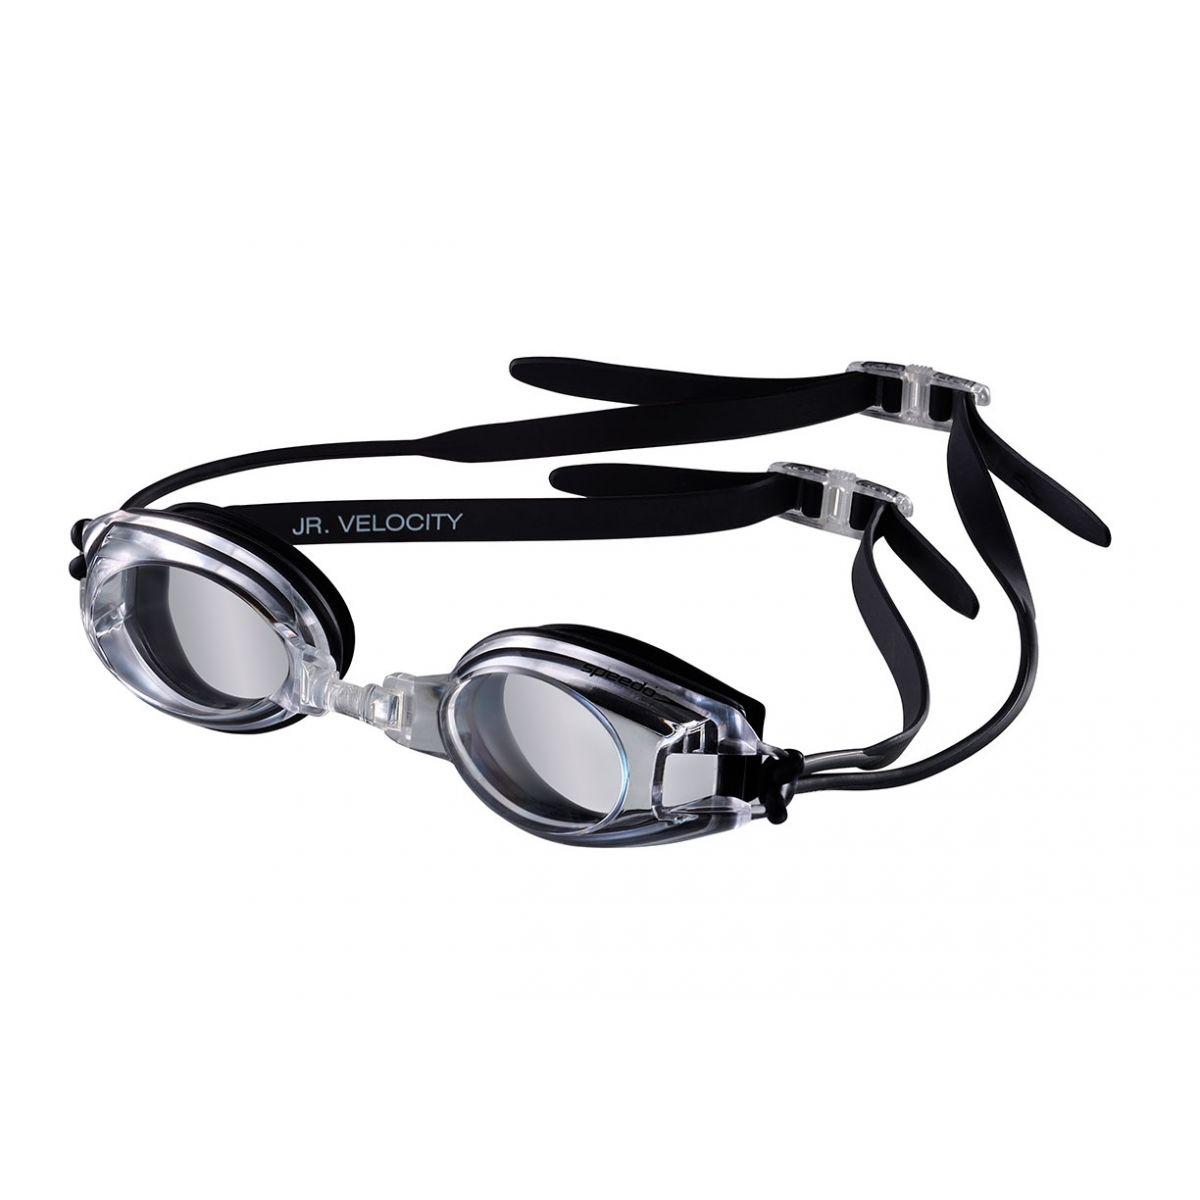 Óculos de Natação Junior Velocity Transparente/Preto - Speedo